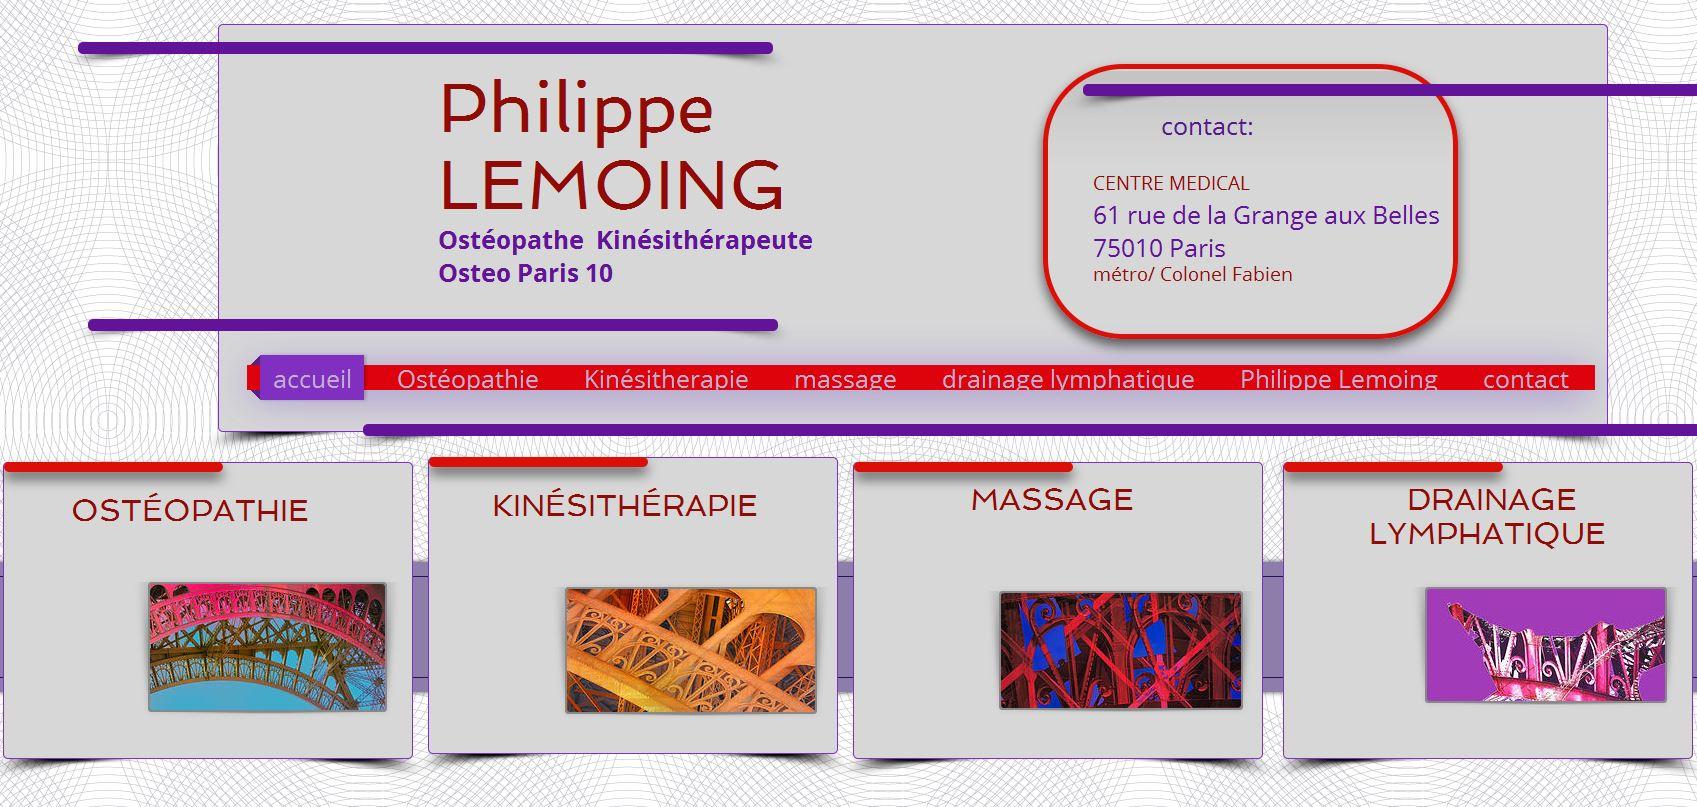 Phil Lemoing kine